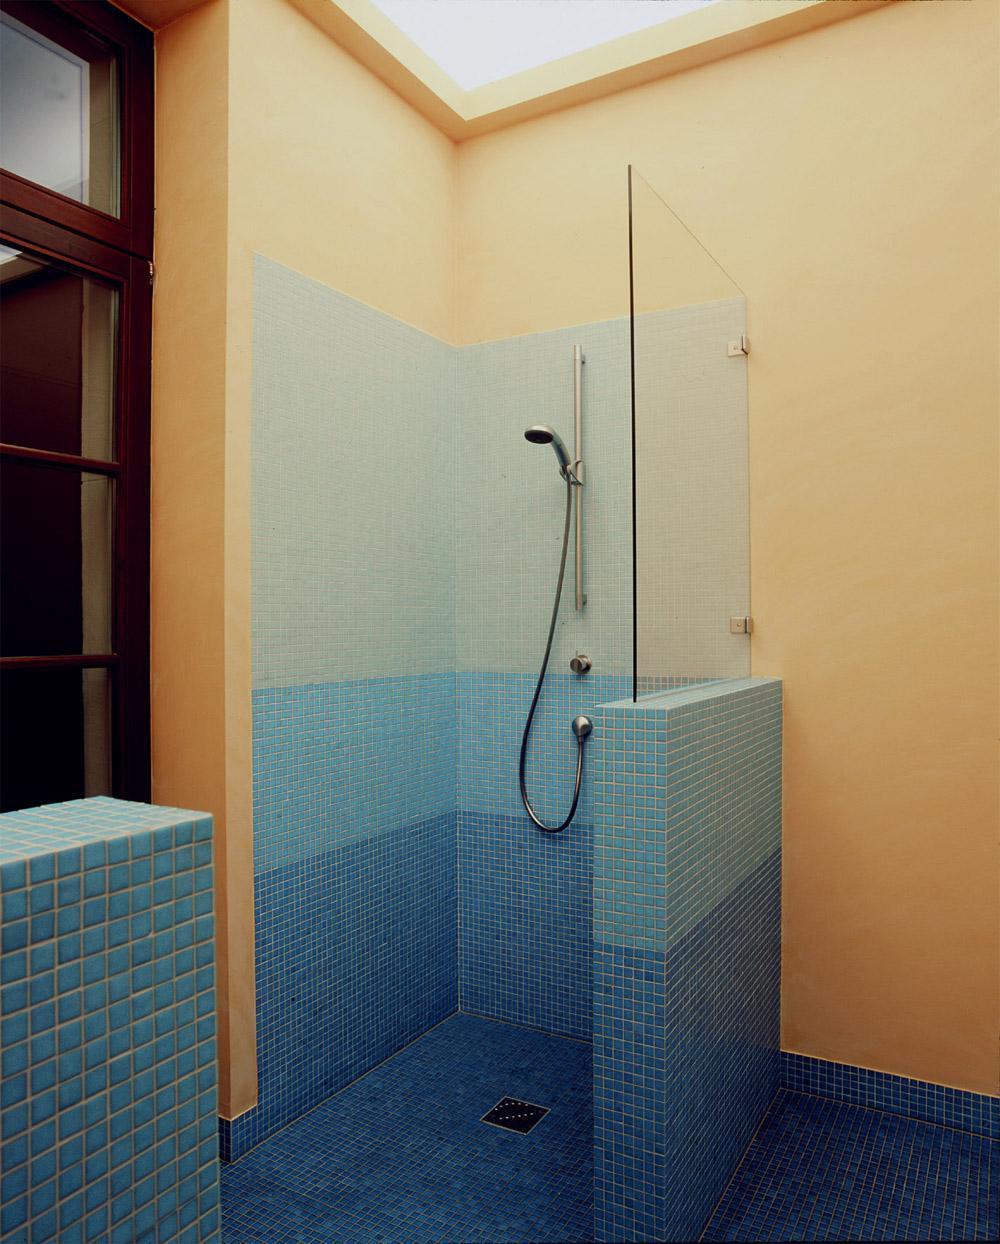 Bad Im Altbau   Dusche #mosaikfliesen #dusche ©Alistair Overbruck